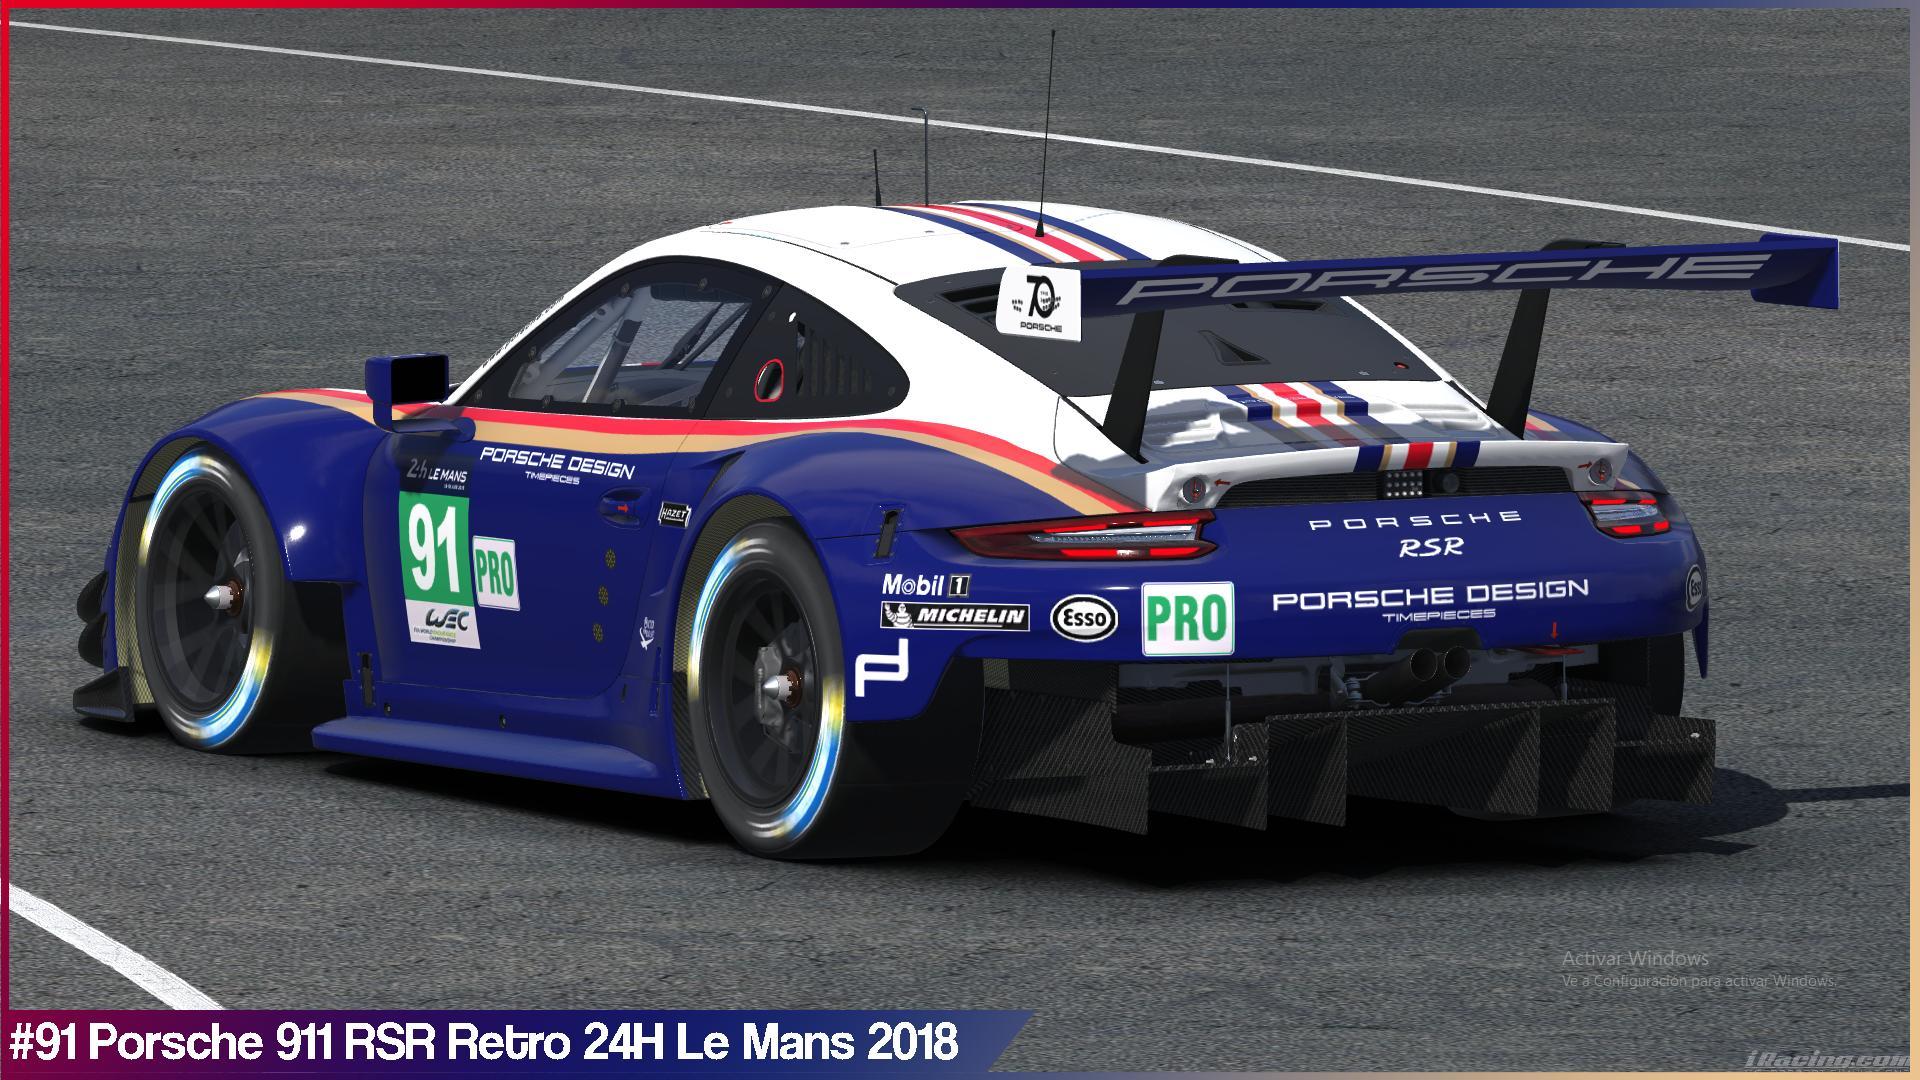 Preview of #91 Porsche Retro 24H Le Mans 2018 by Sergio Hernando